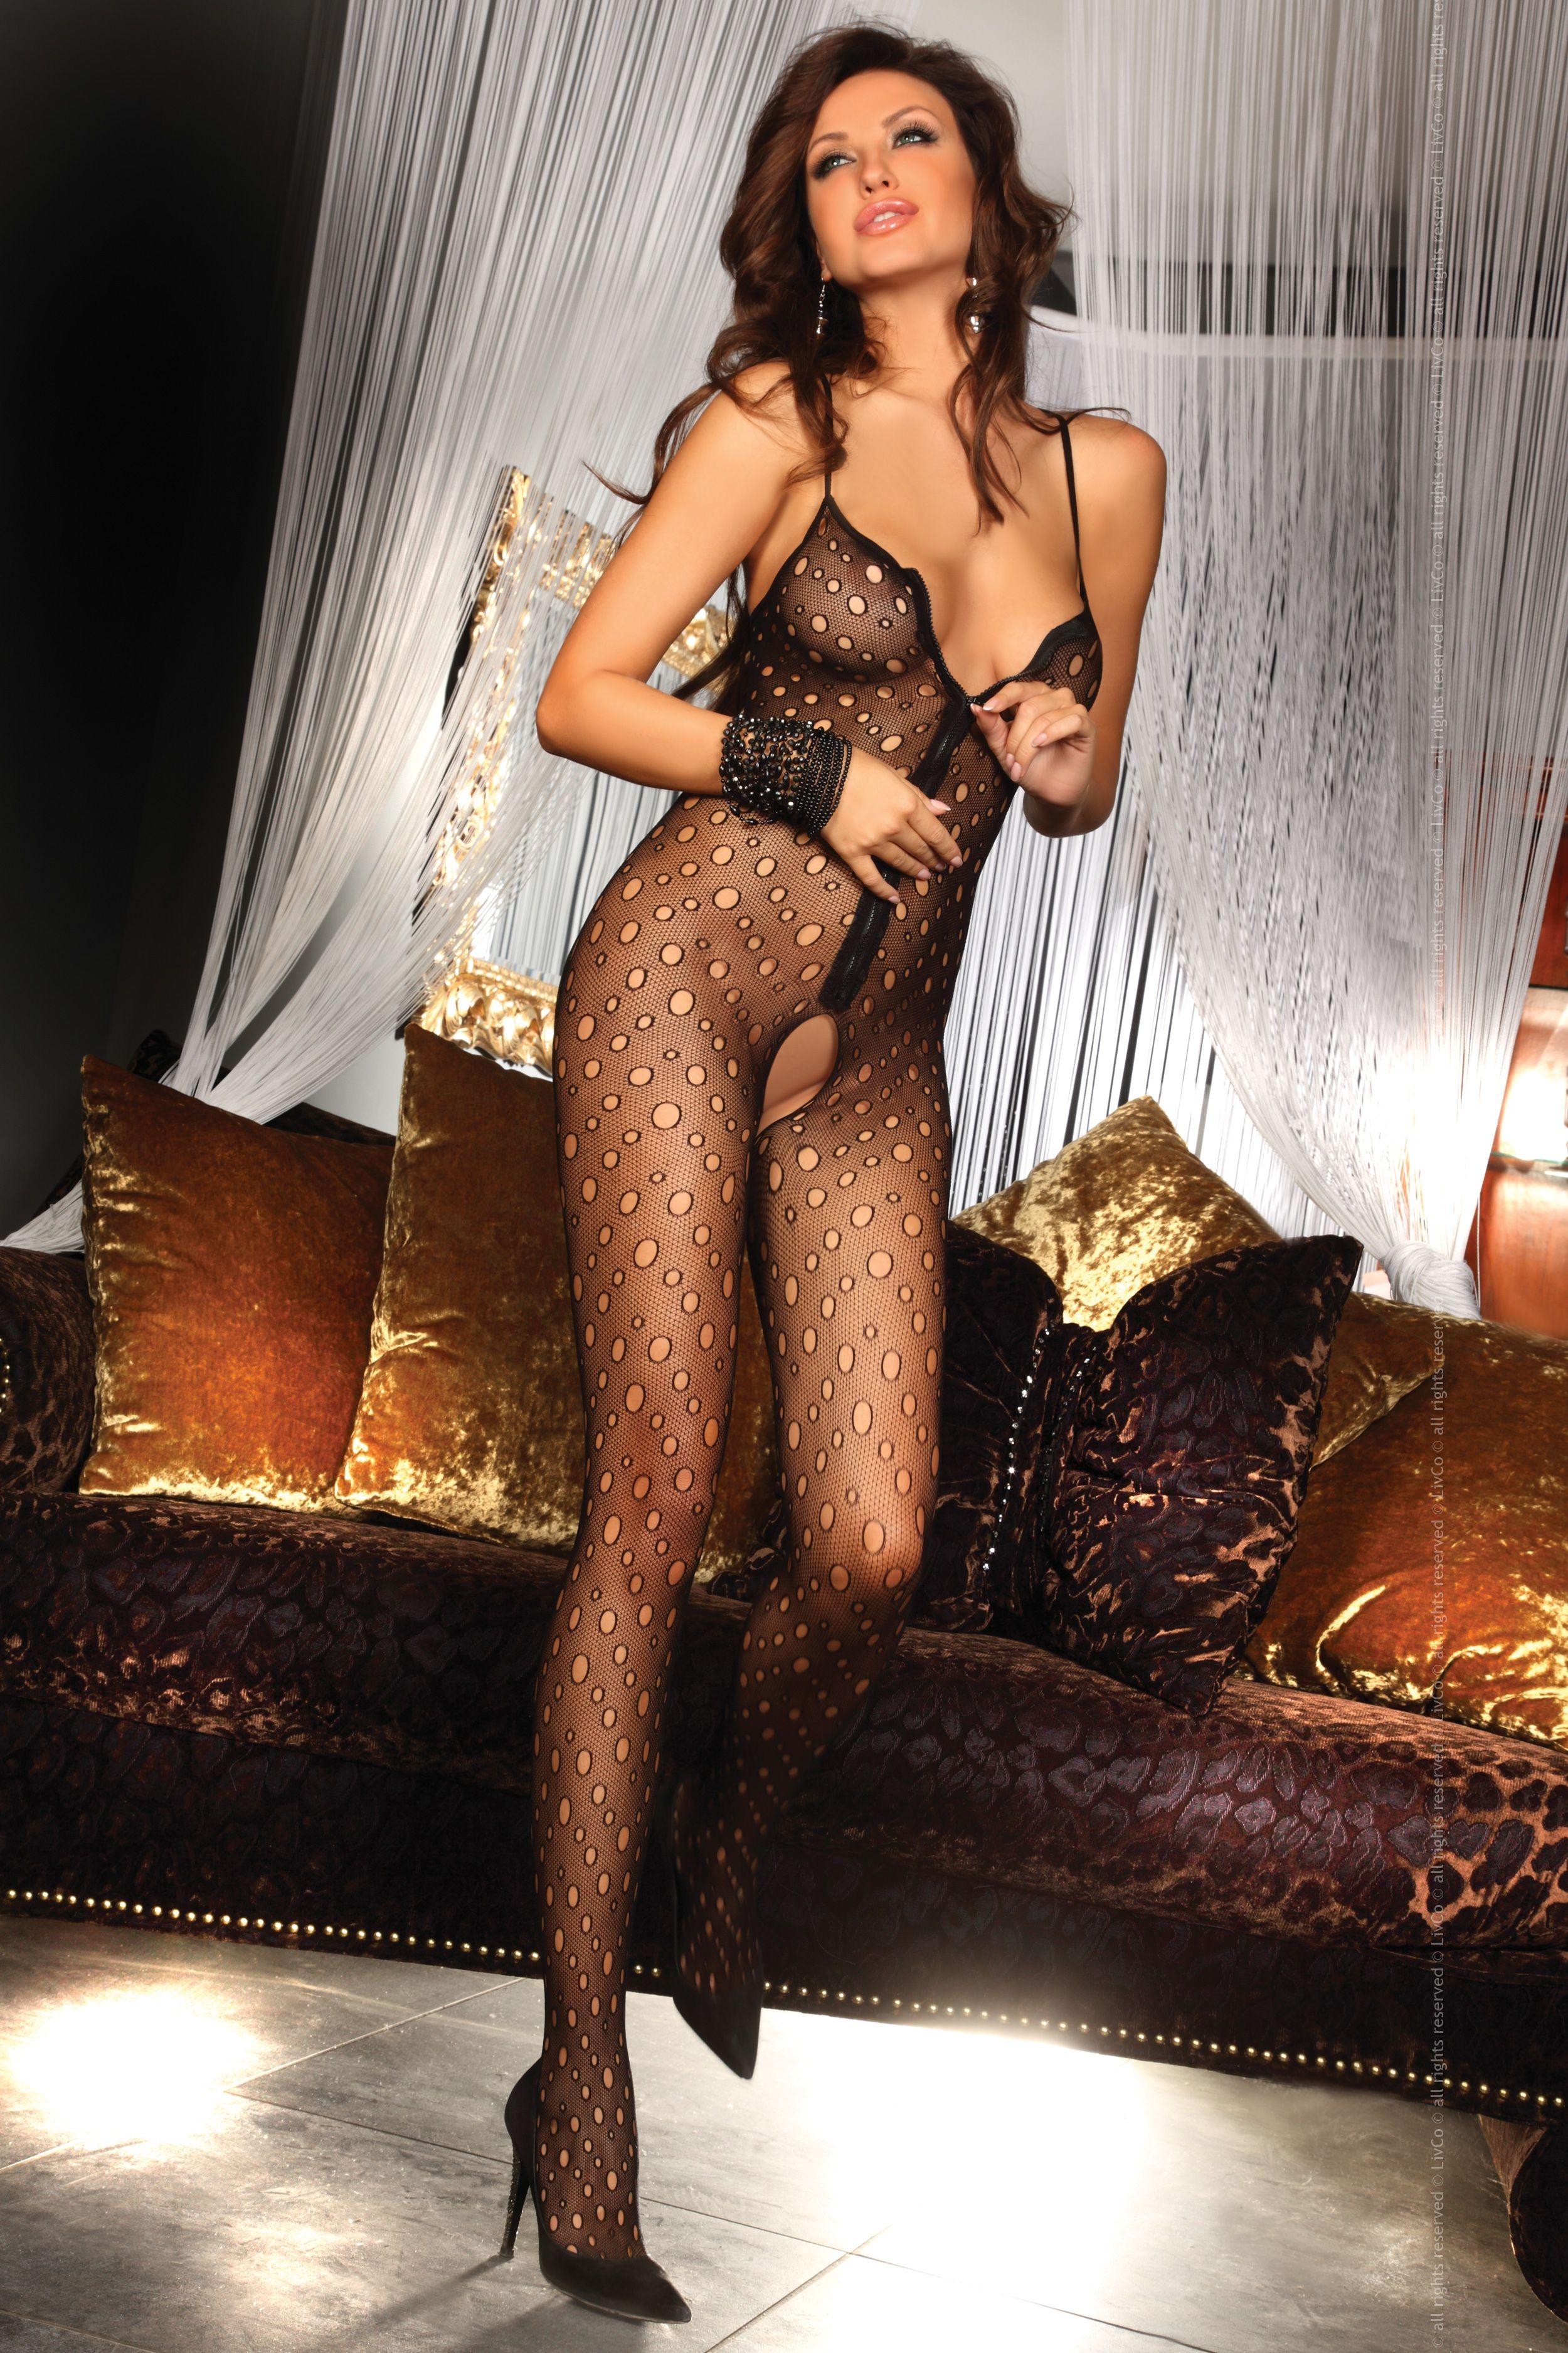 cool lingerie model